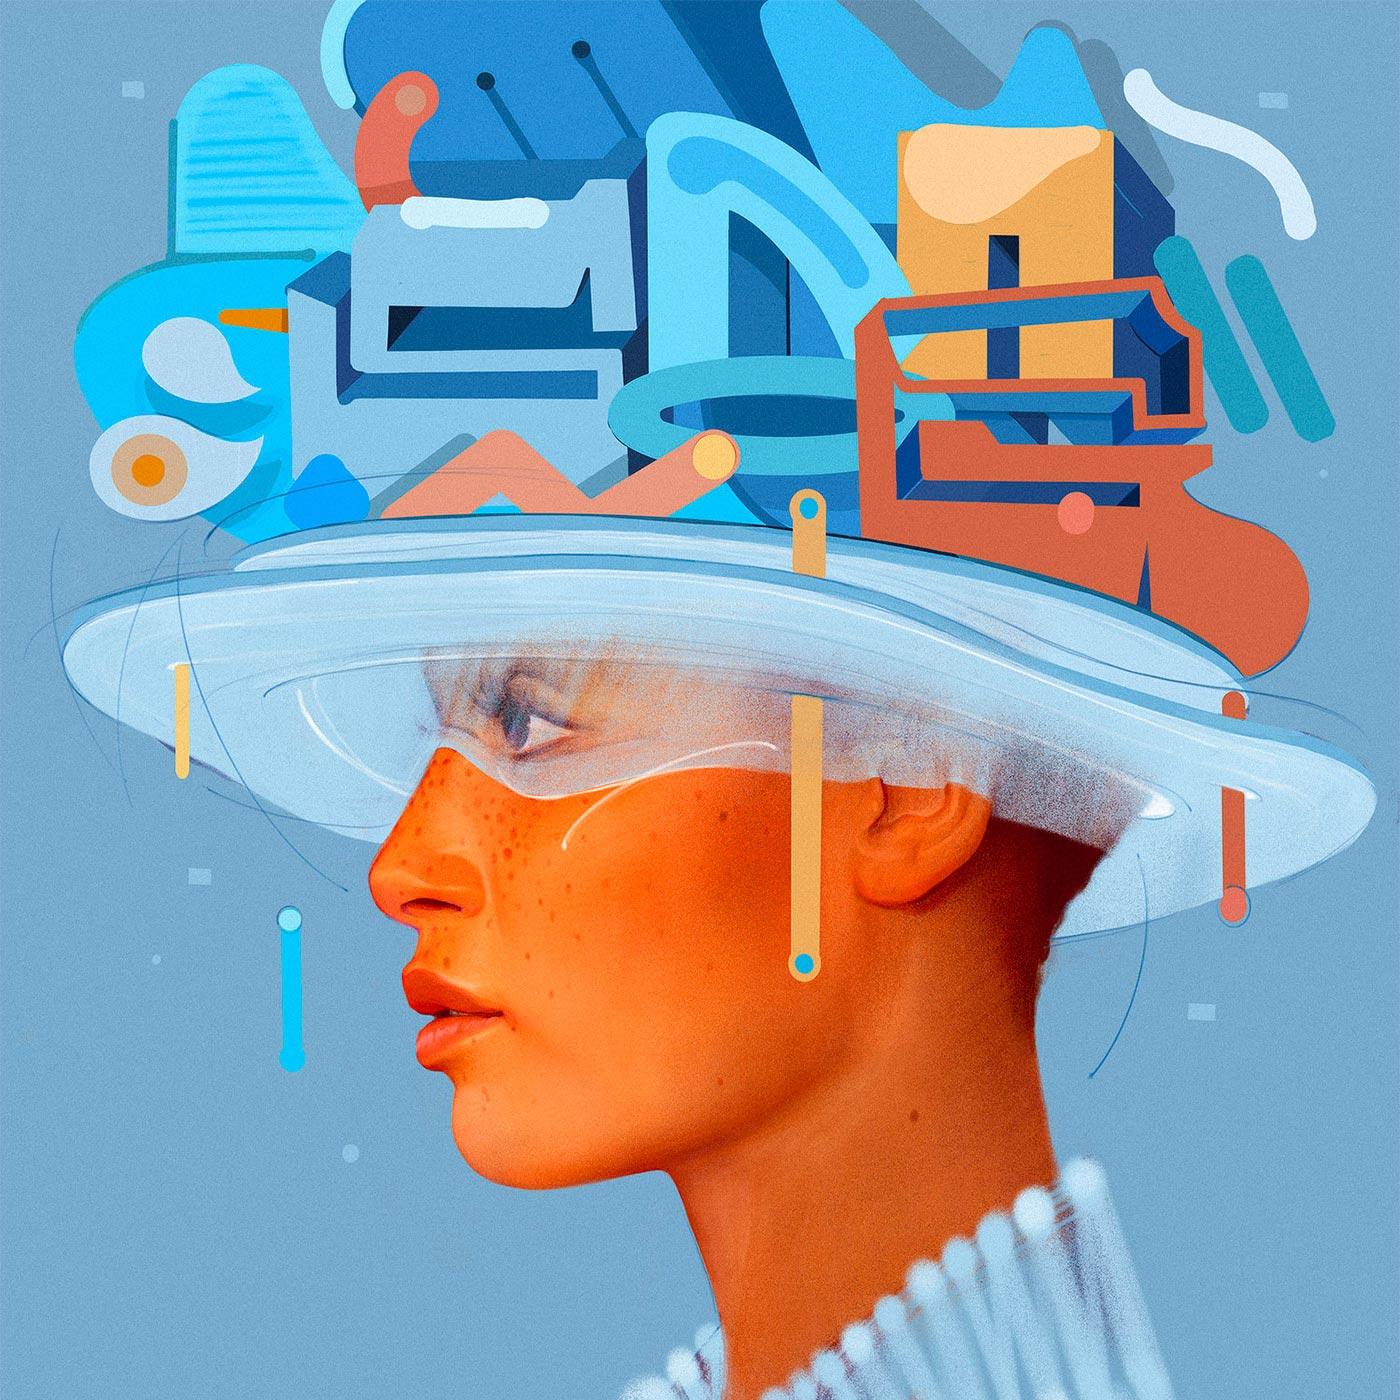 samuel-rodriguez-illustration5.jpg